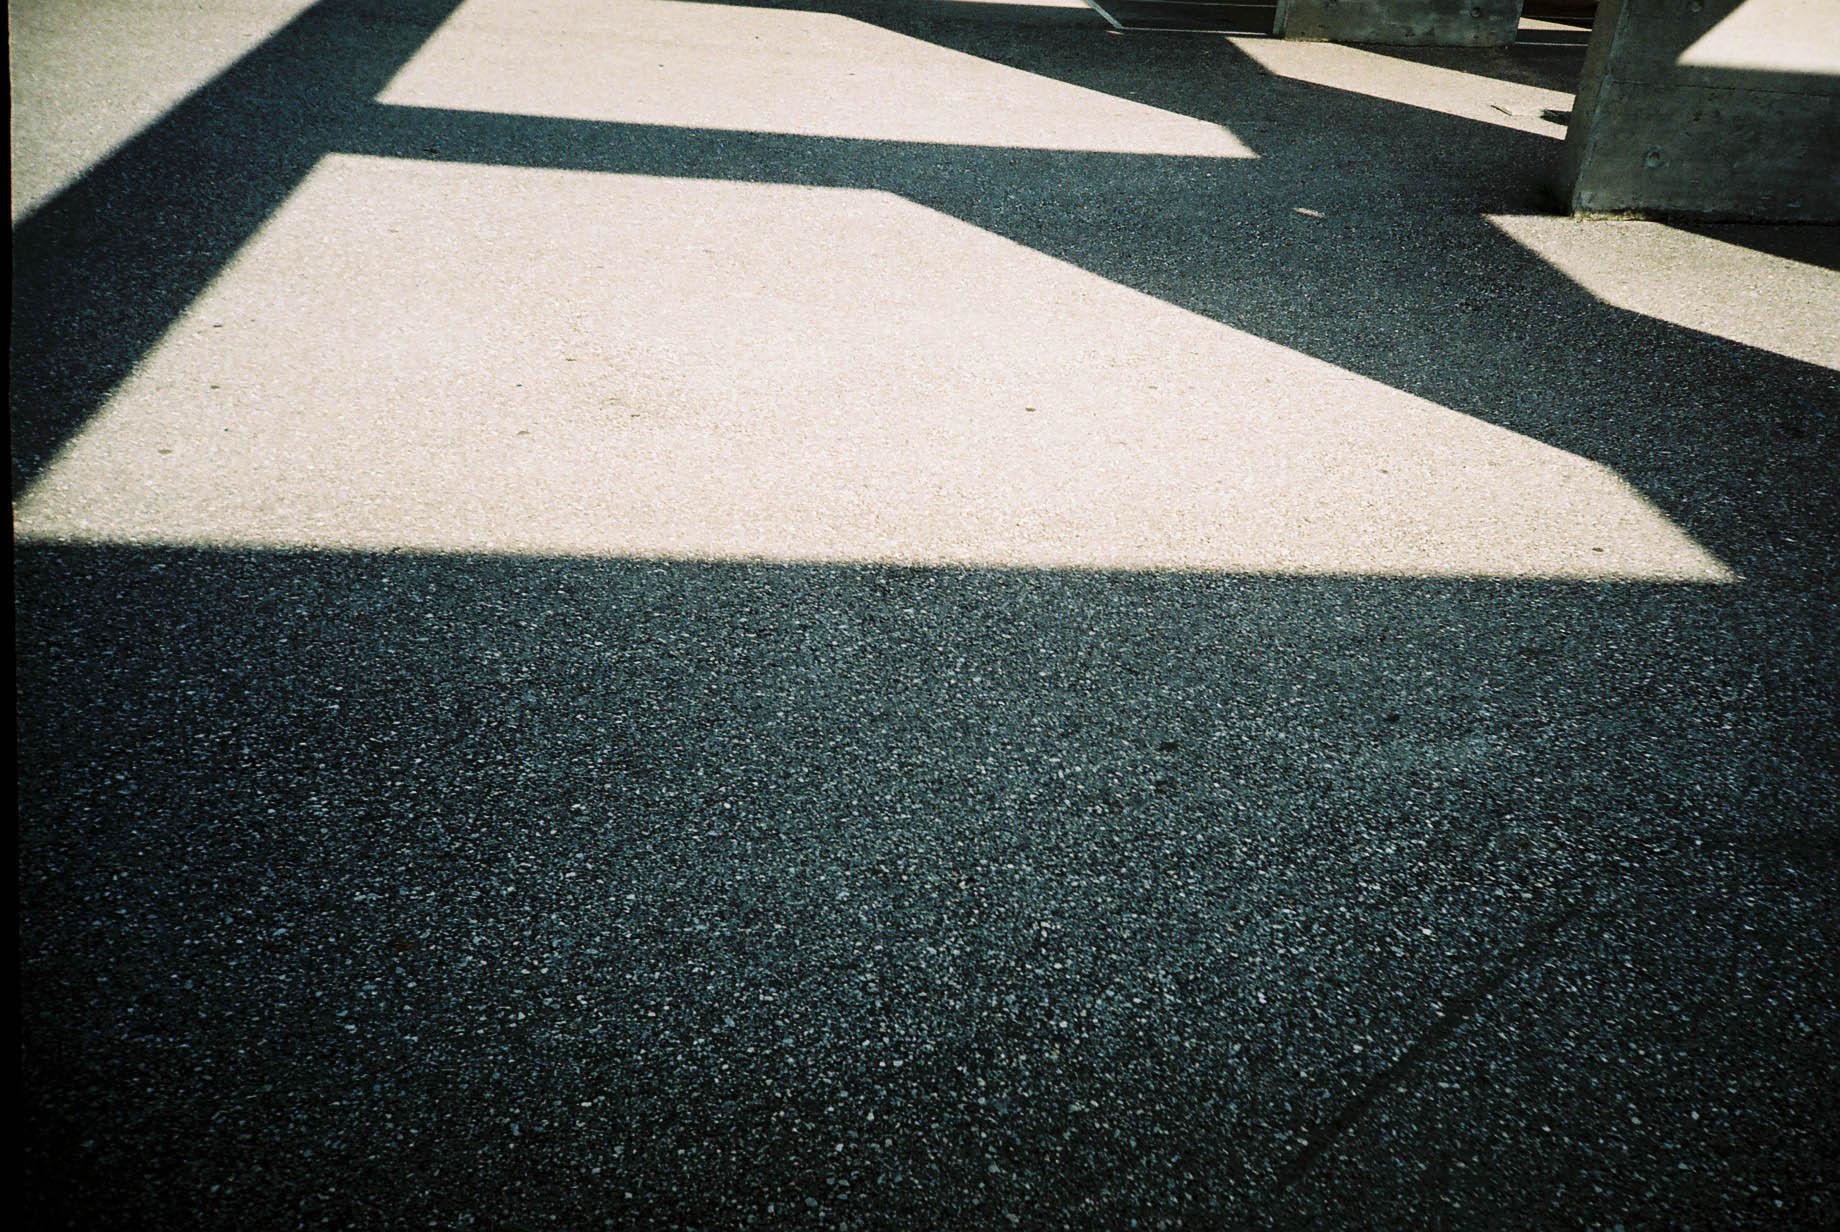 http://lafilladelfotografu.irenavisa.com/files/gimgs/59_sombres.jpg